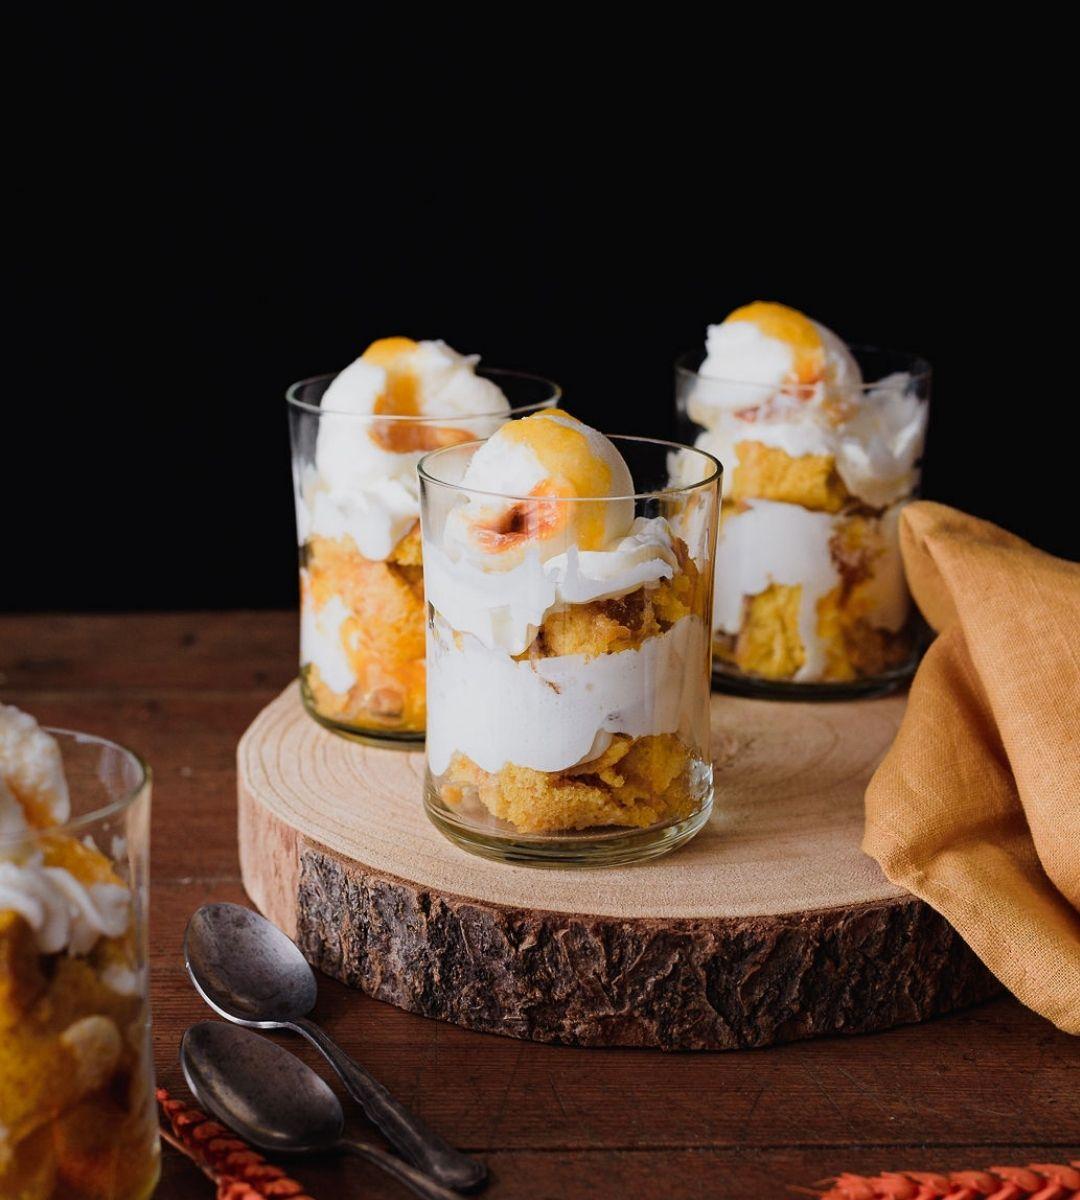 Trifle com gelado de Requeijão com Doce de Abóbora